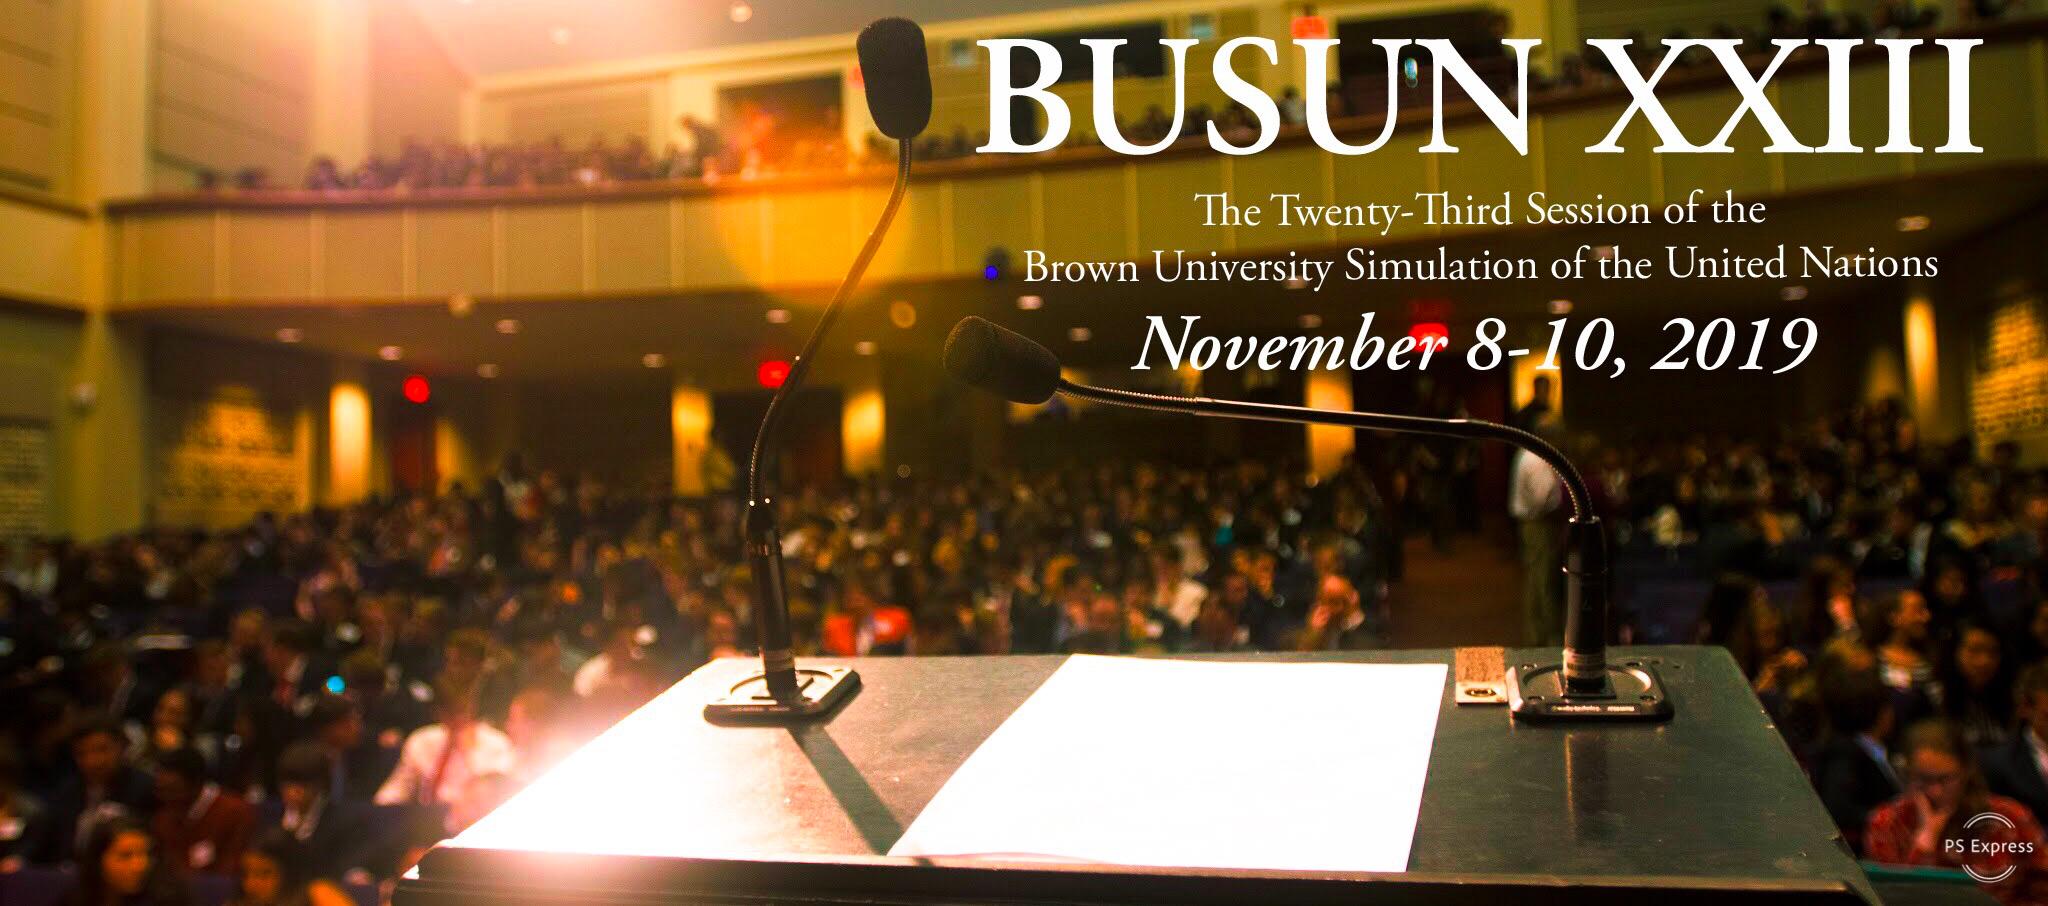 BUSUN XXIII - November 8-10, 2019